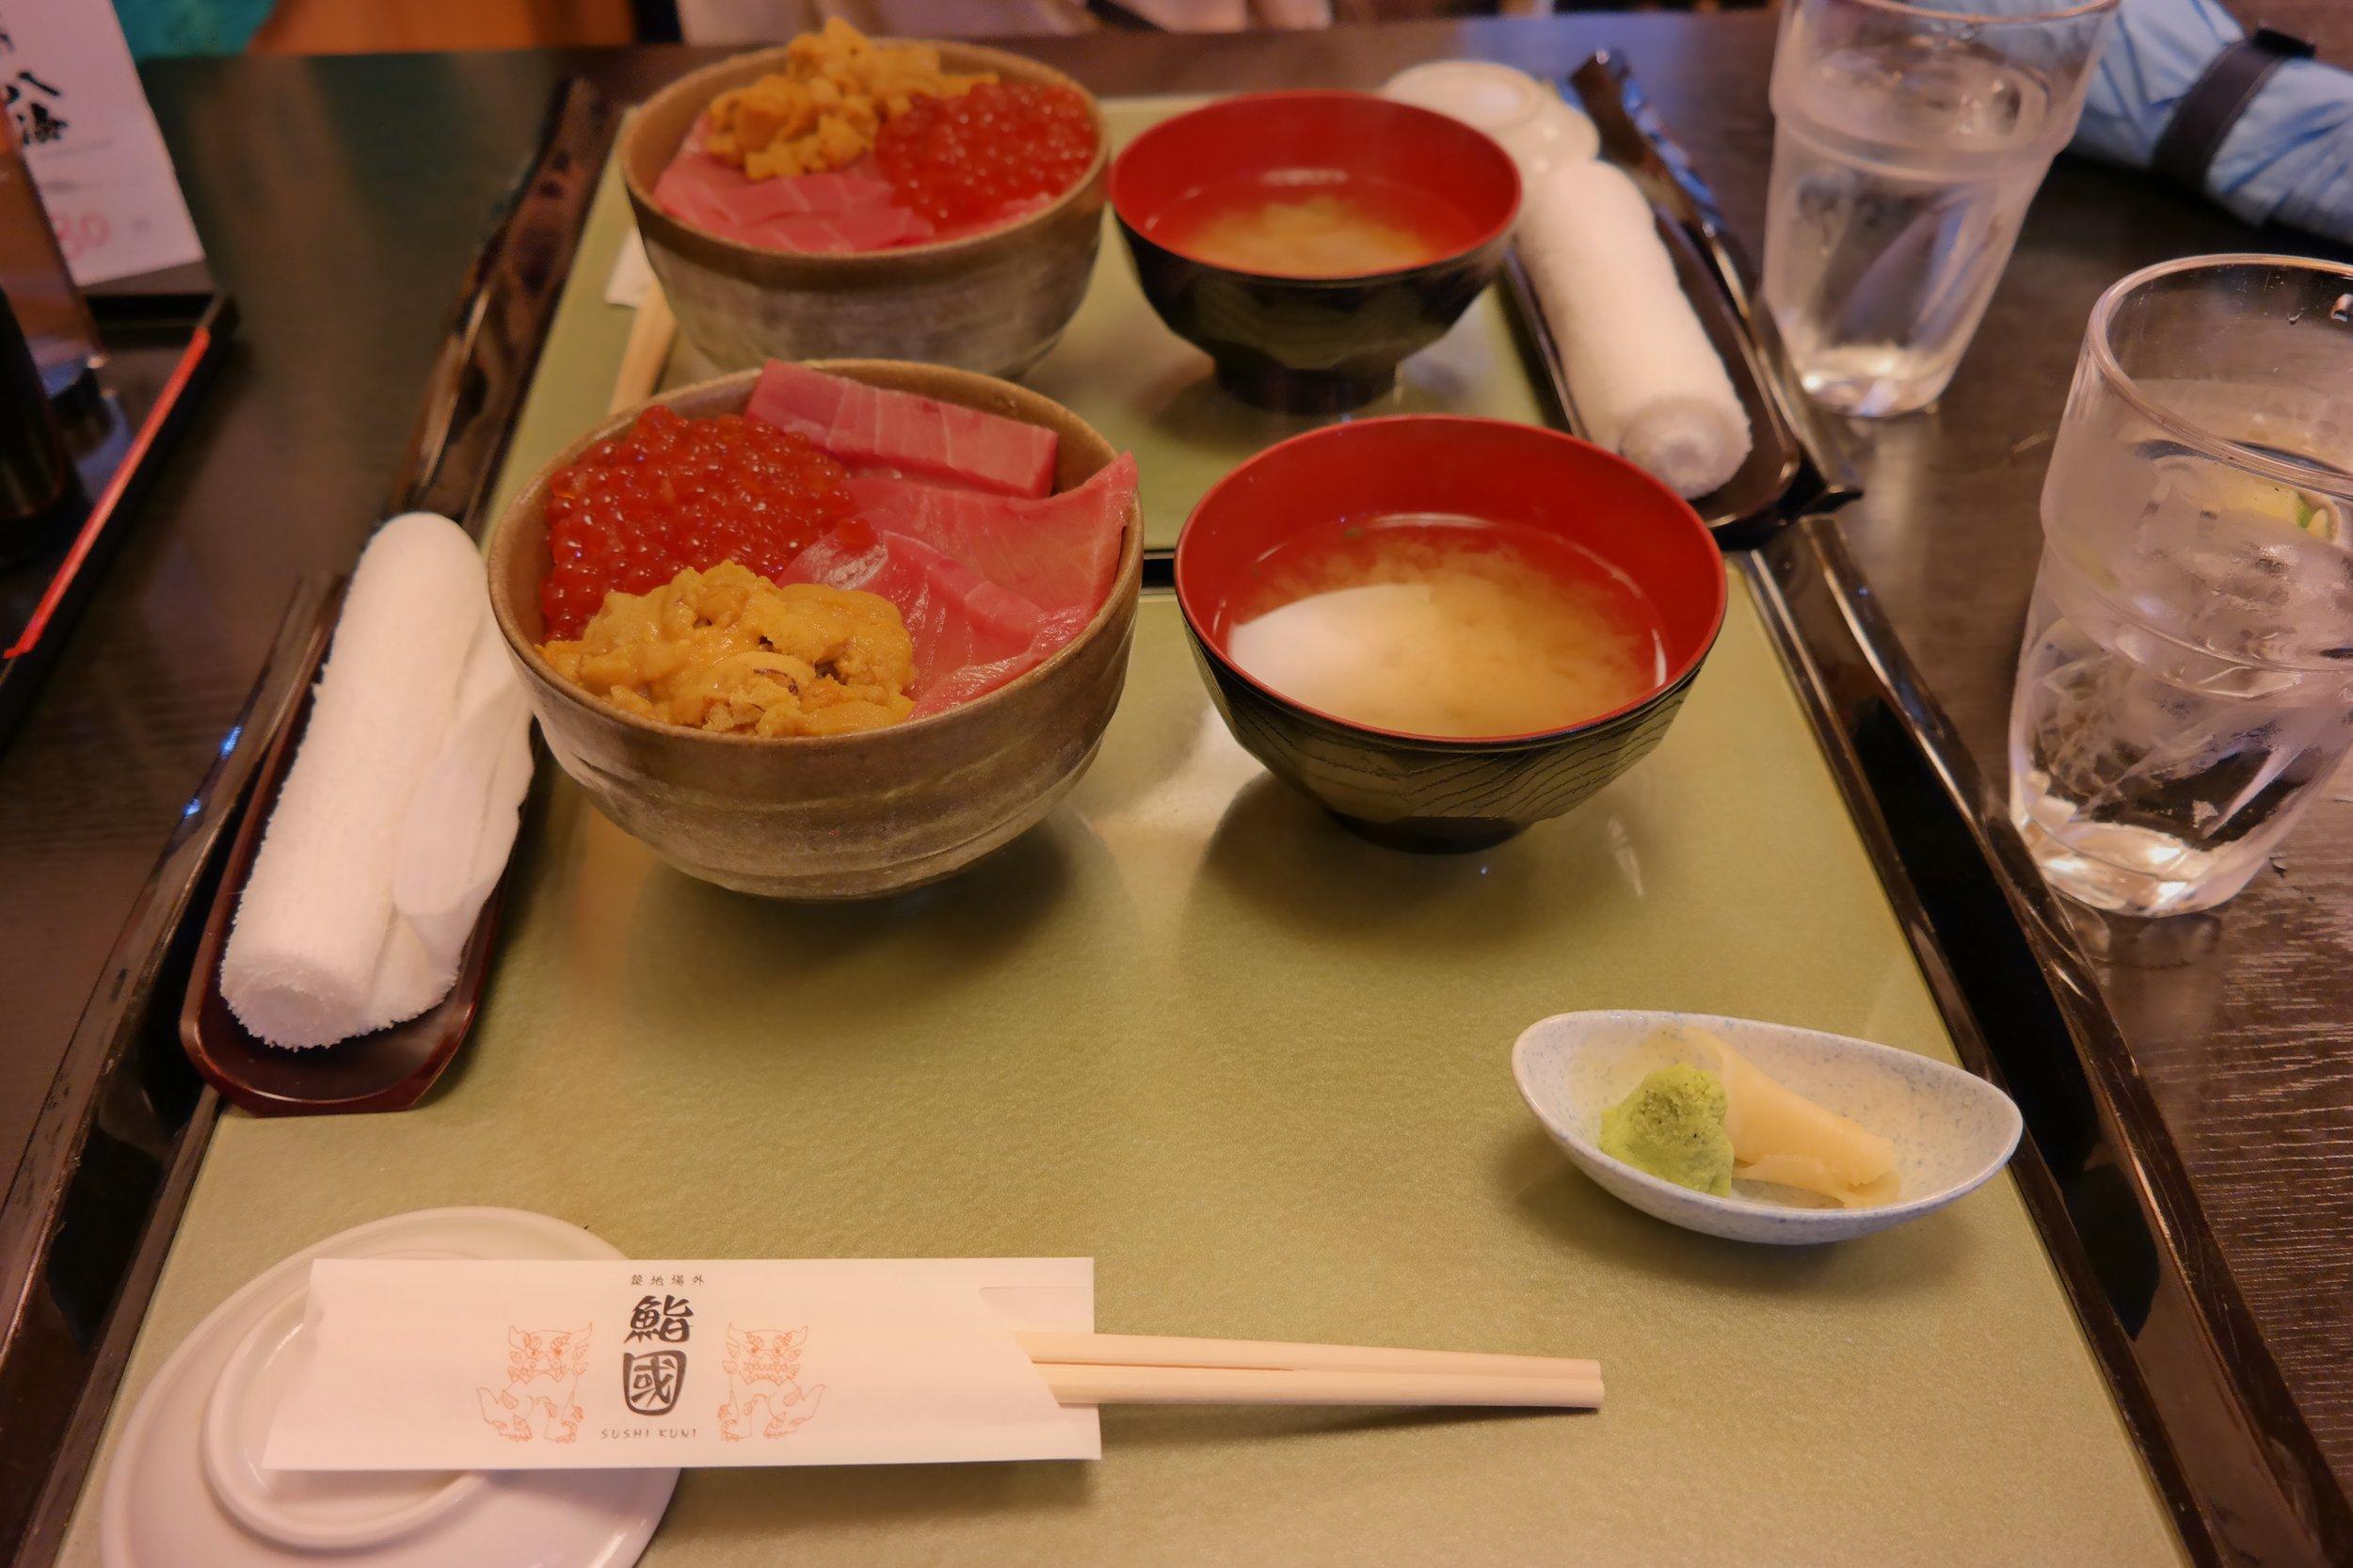 Uni bowl from Sushi Kuni